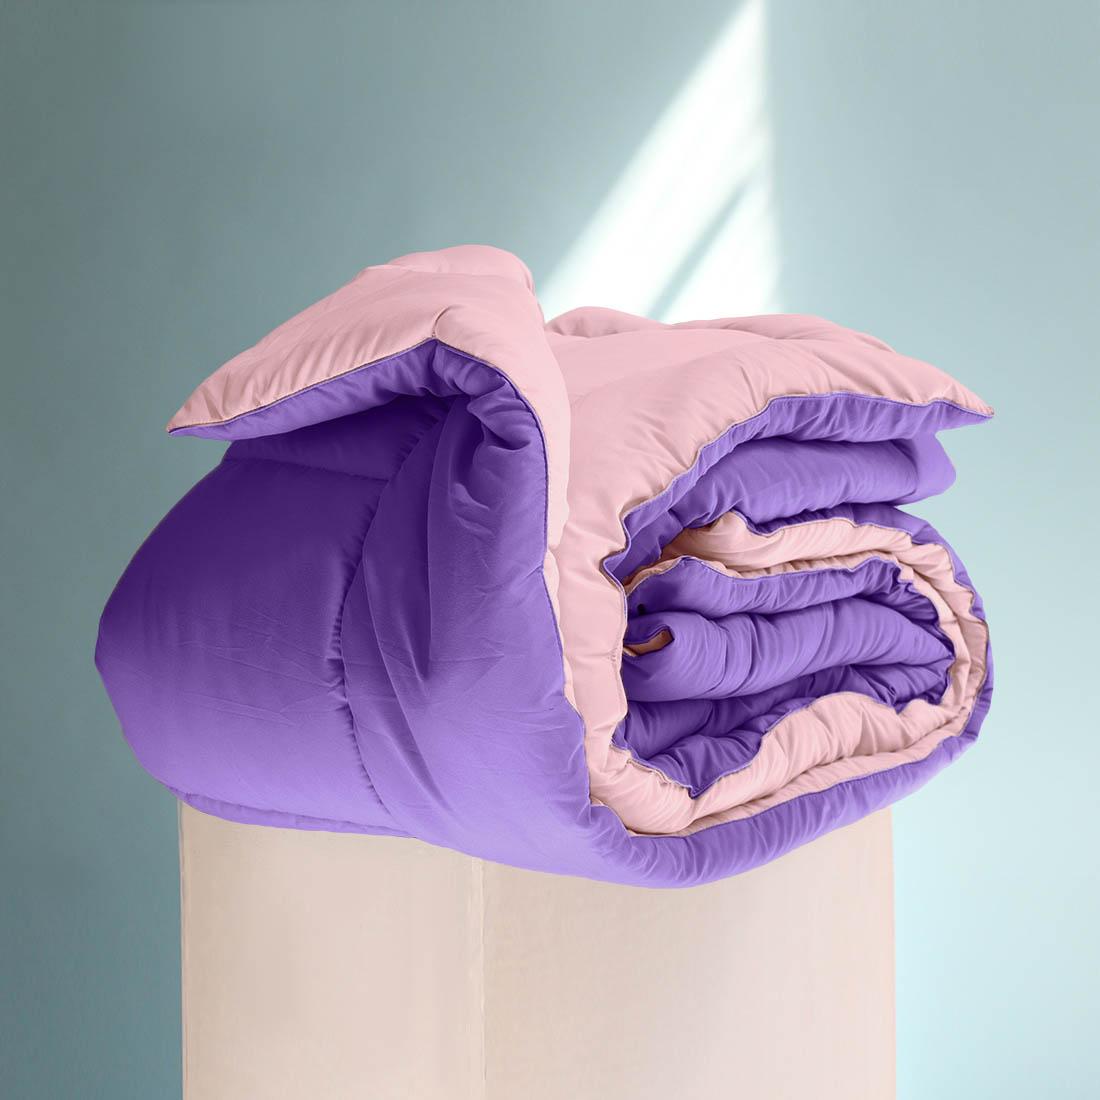 Одеяло  Sleep iX , наполнитель: силиконизированное волокно, цвет: фиолетовый, розовый, 140 х 205 см. pva320030 -  Одеяла